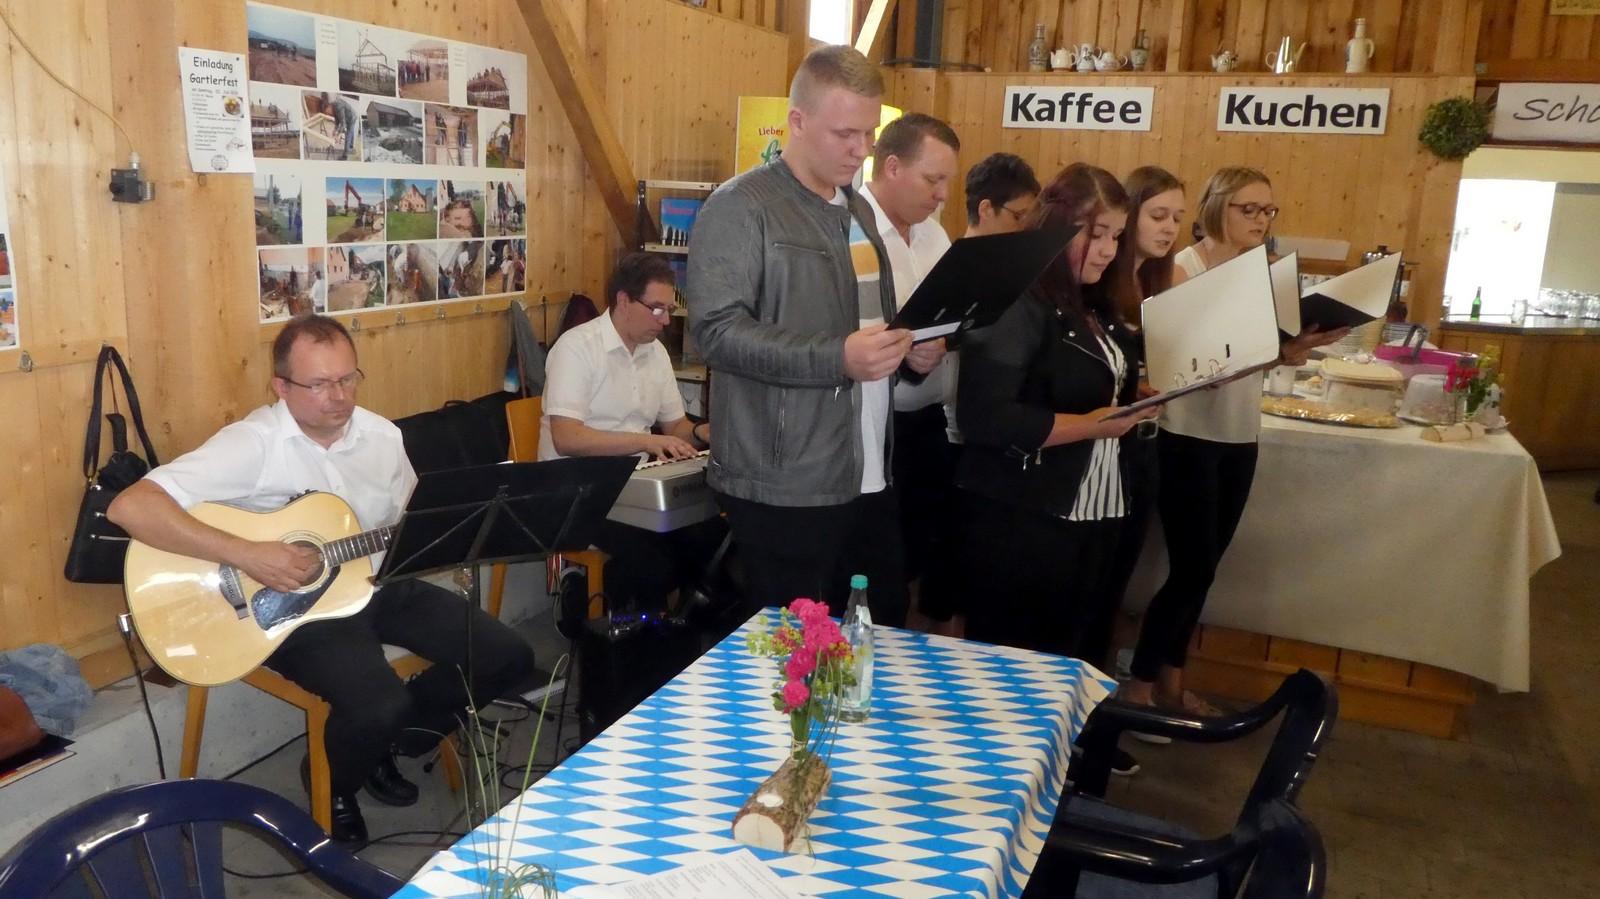 20180609-Abschluss Dorferneuerung Wölsendorf-Helferfest 08 Wilhelm Thomas P1000981